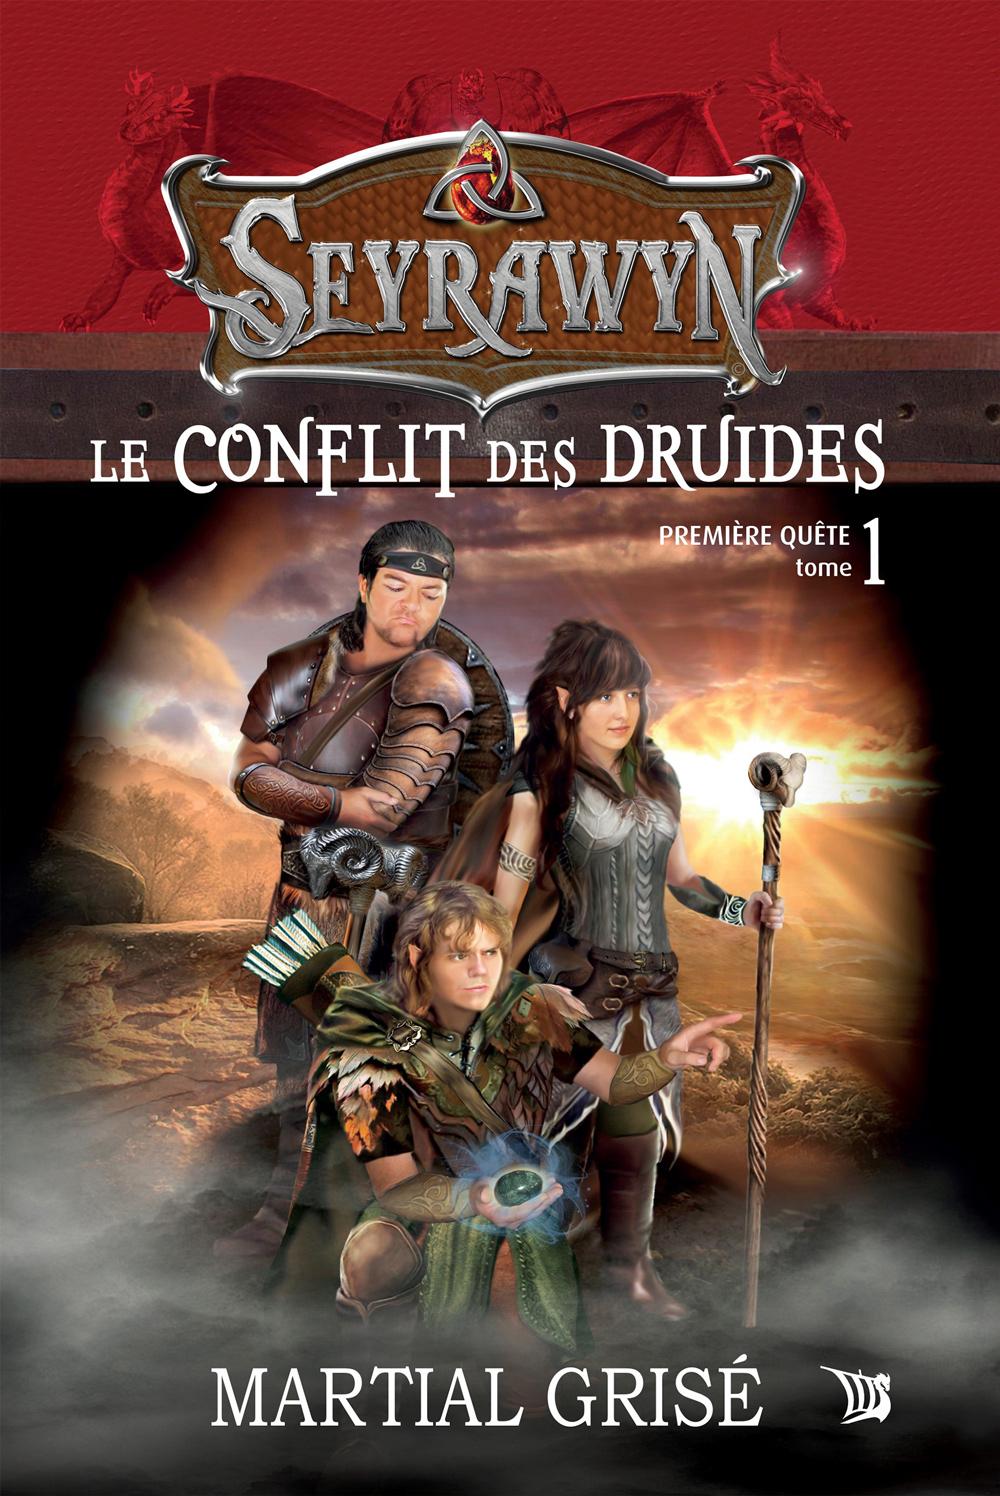 Seyrawyn T1: Le conflit des druides